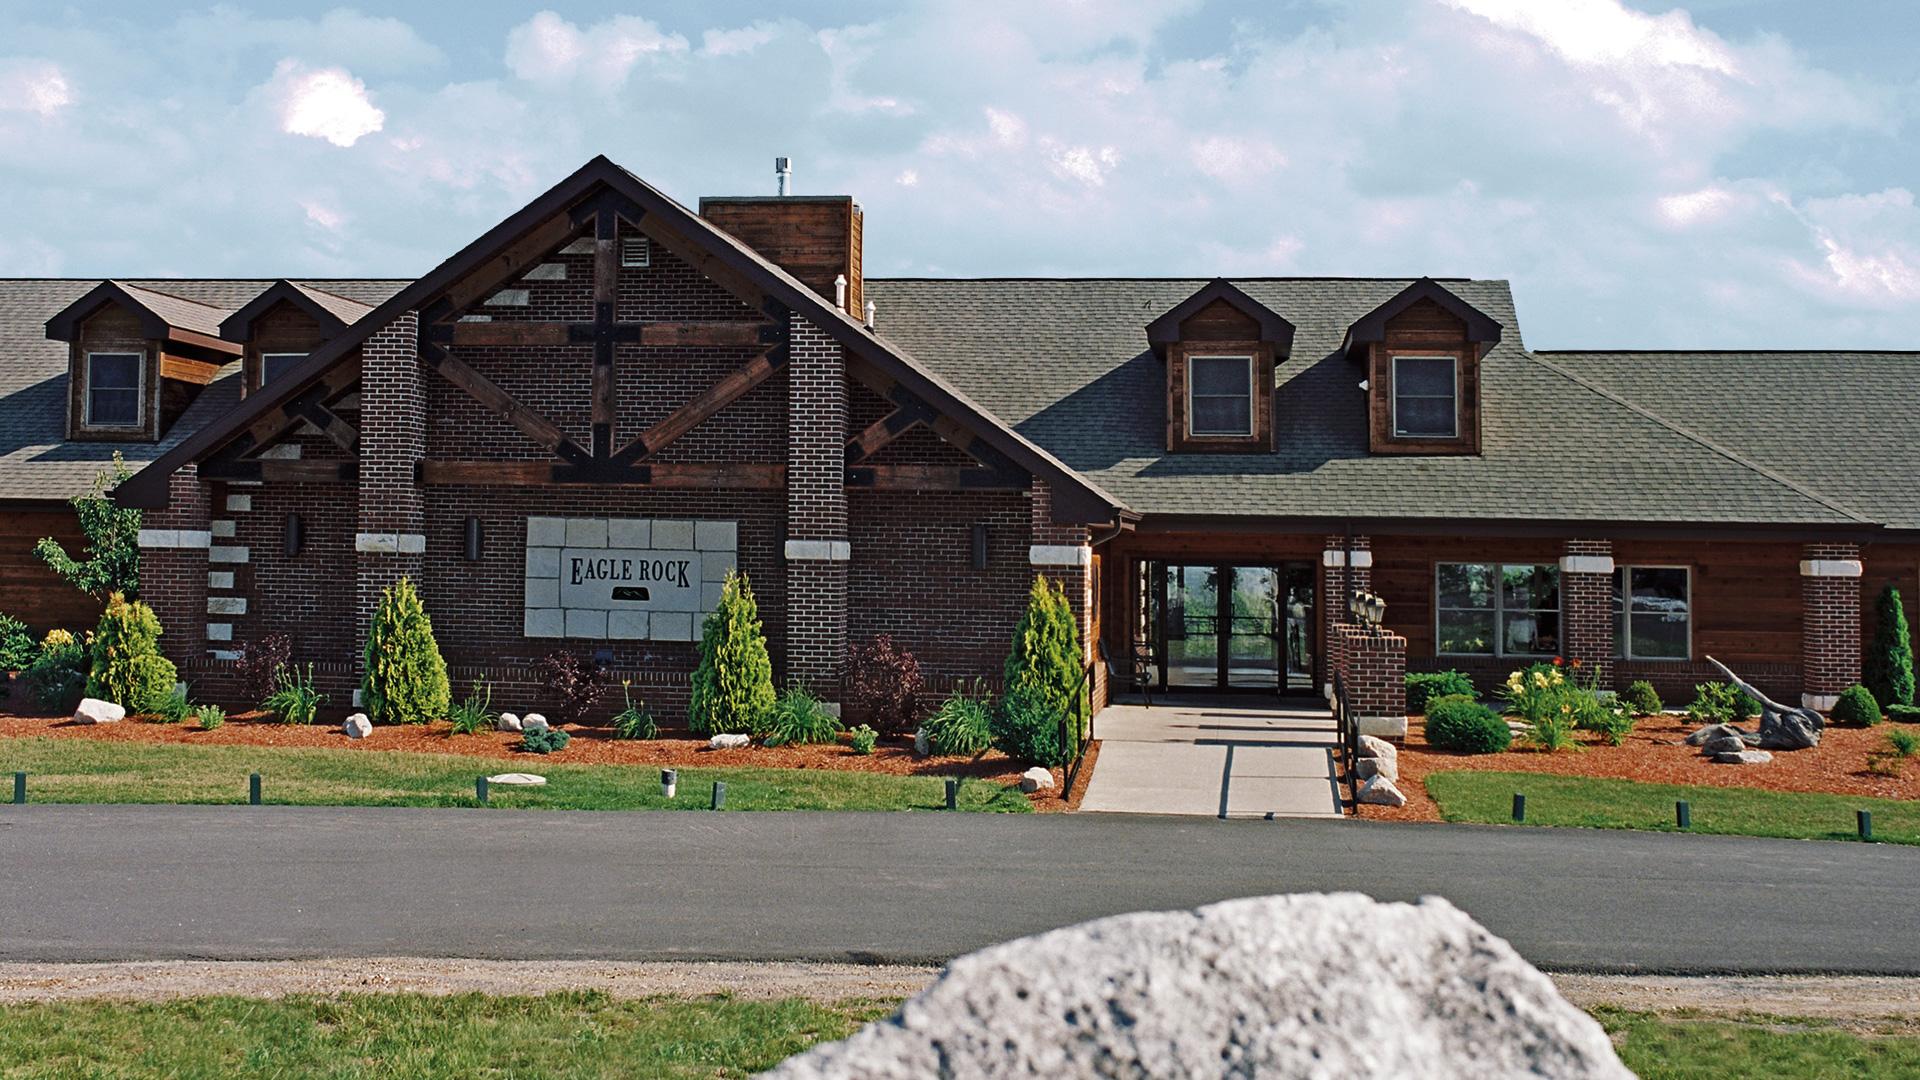 eagle rock resort timeshare resale and rental